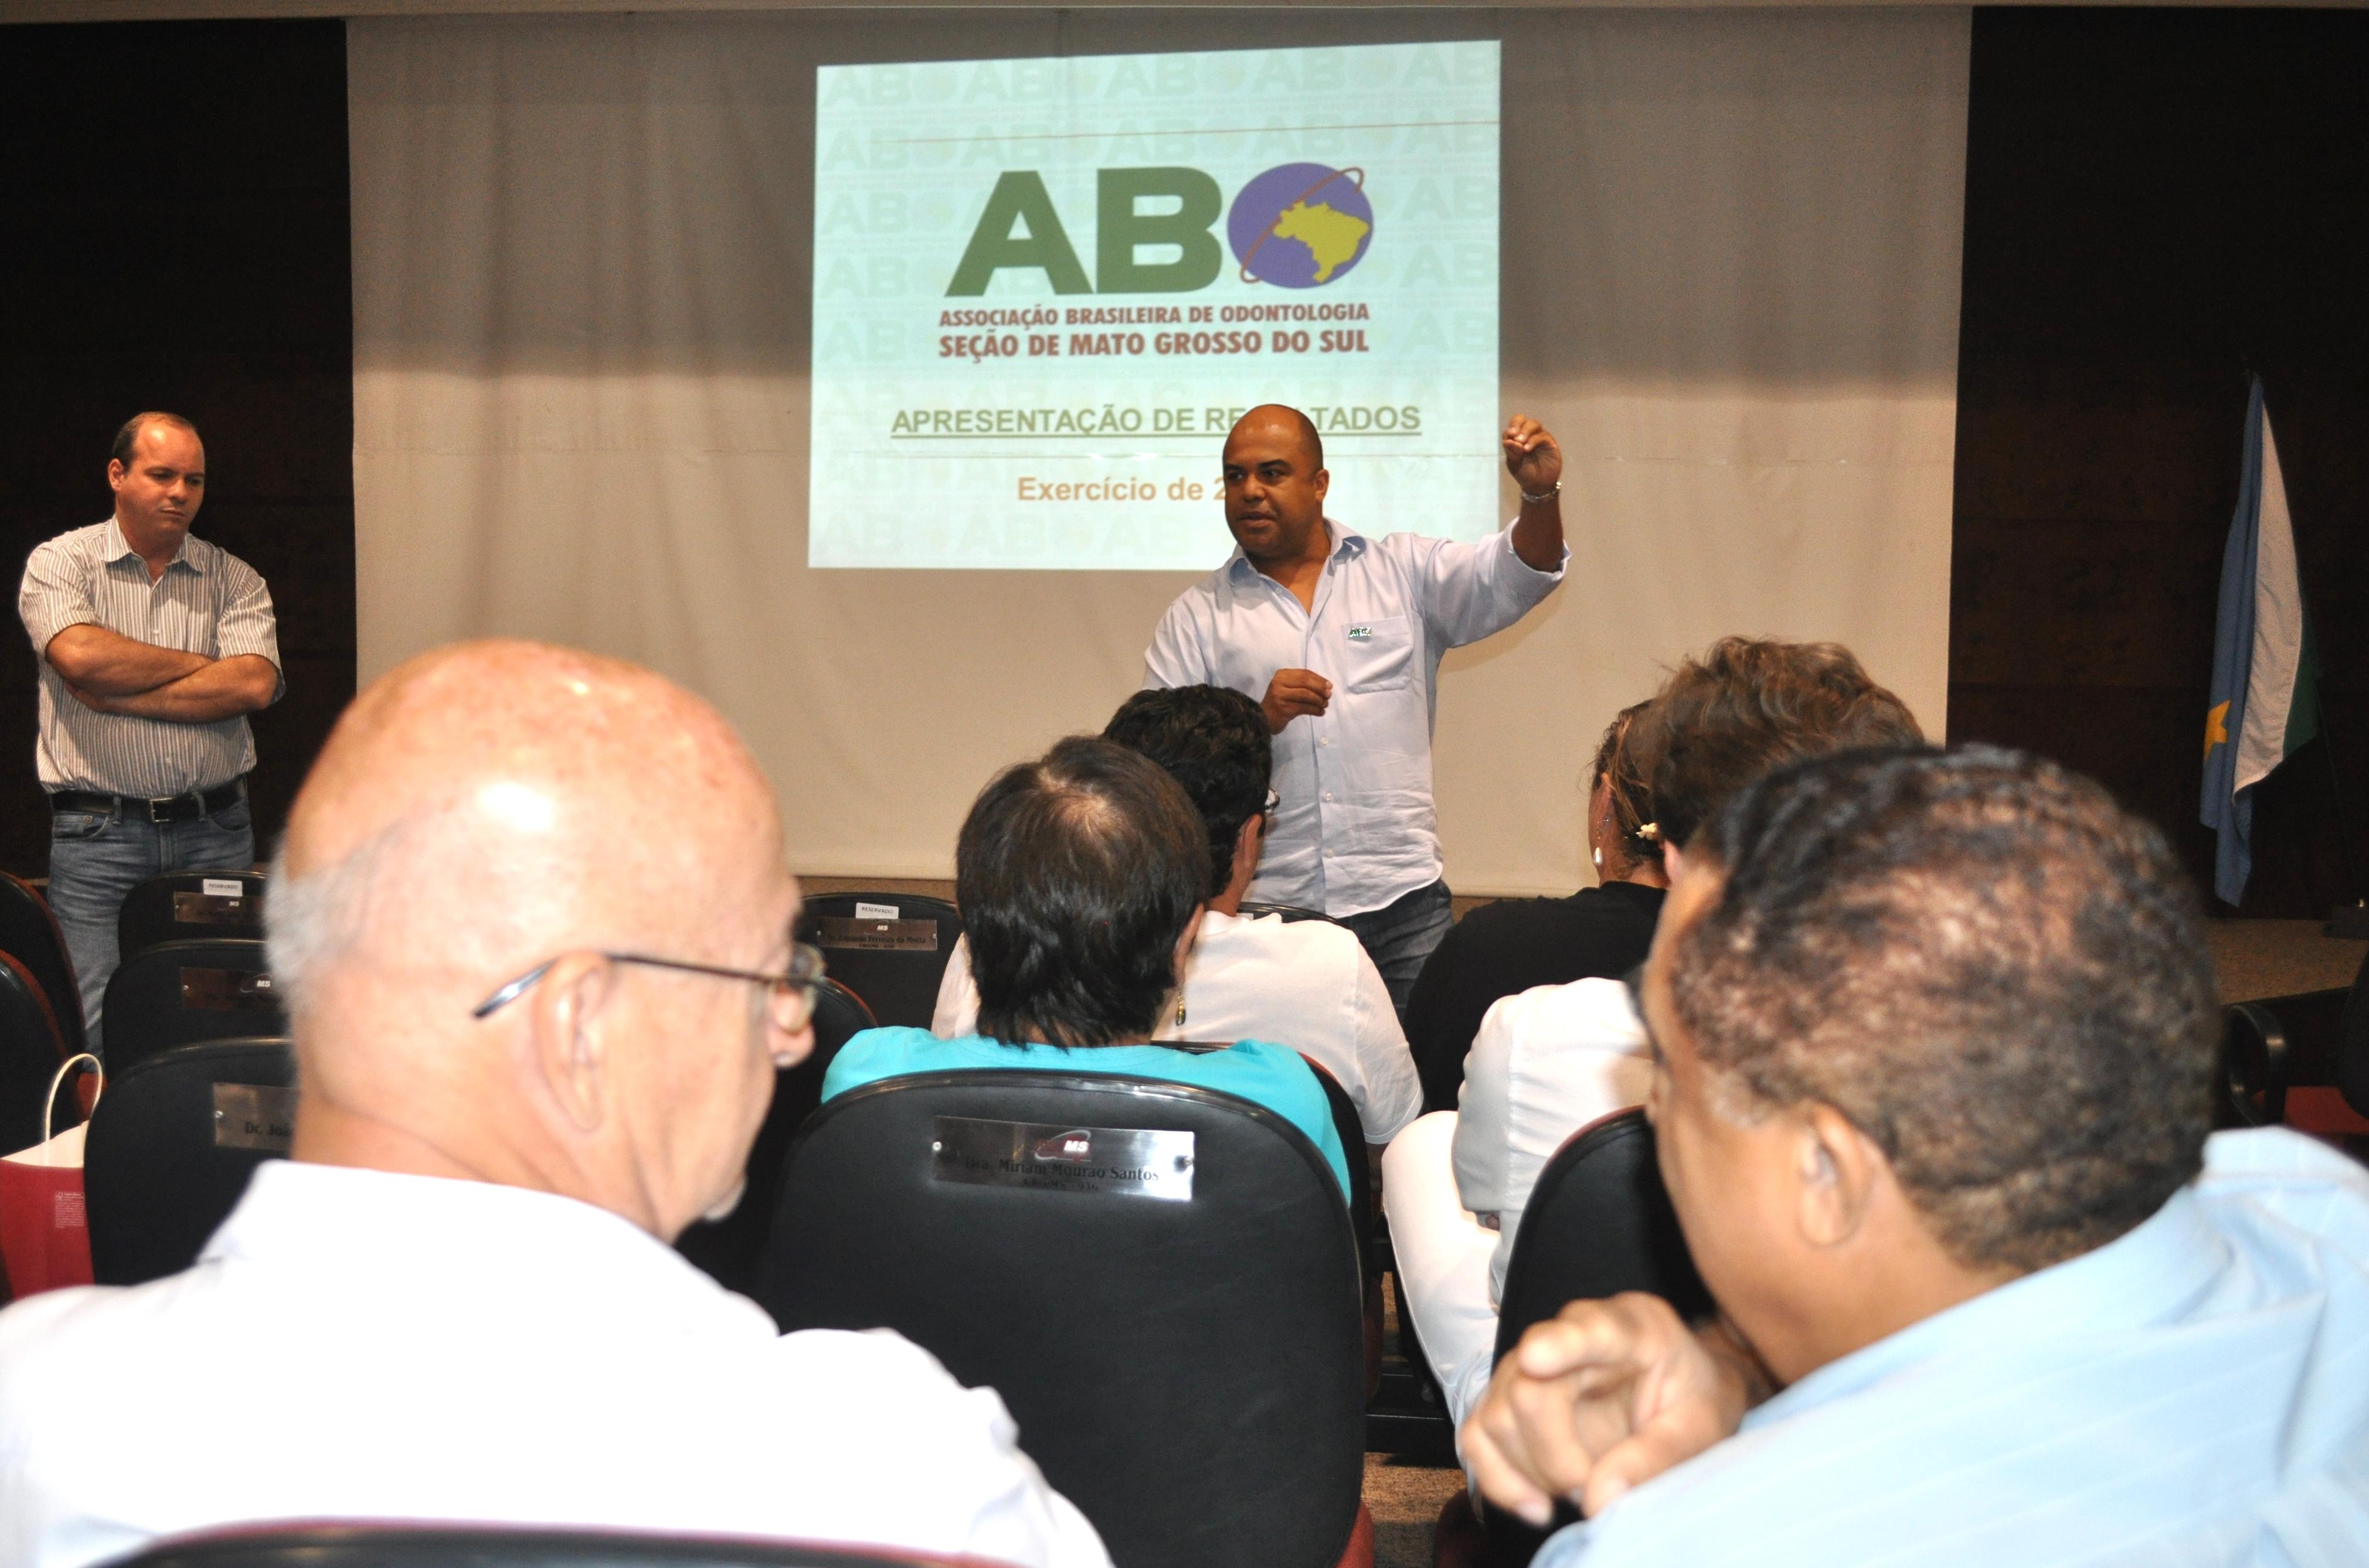 Prestação de Contas da ABO-MS é aprovada por unanimidade